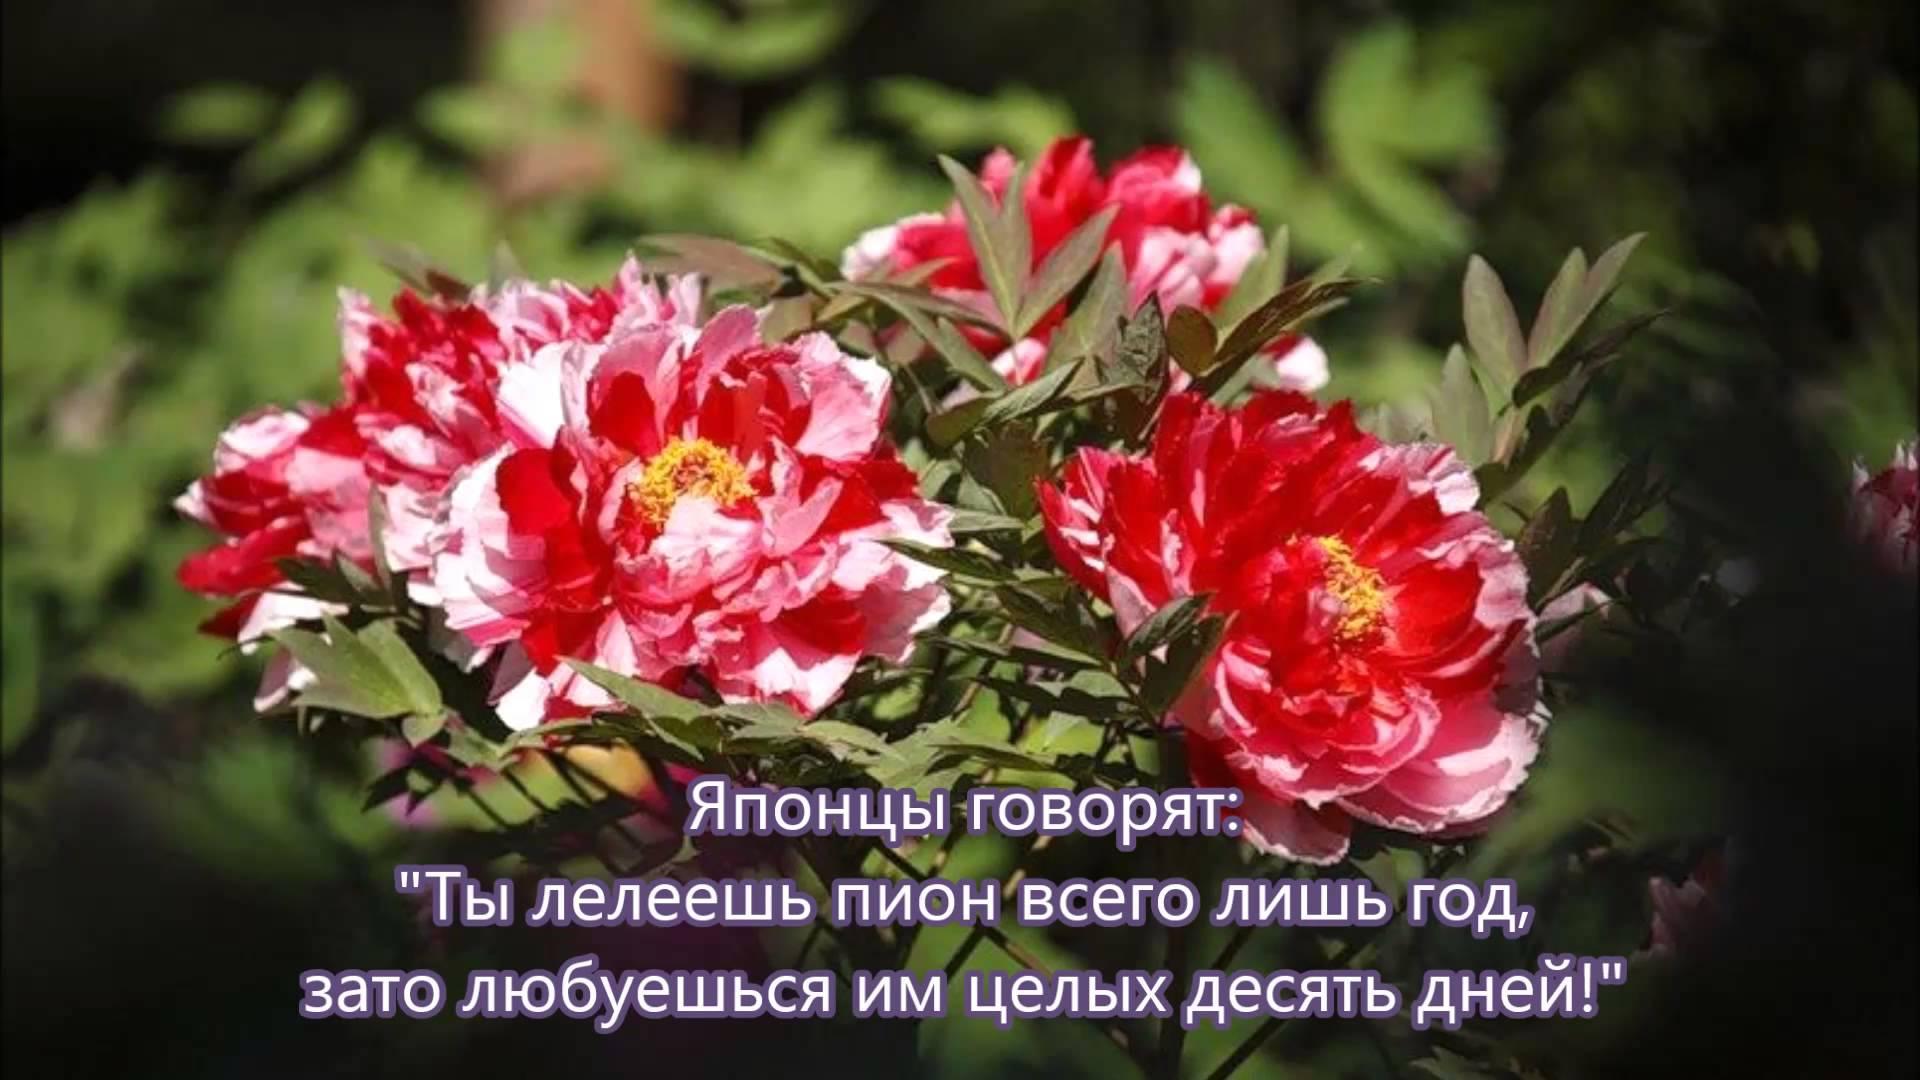 Снытко лариса владивосток отзывы 17 фотография